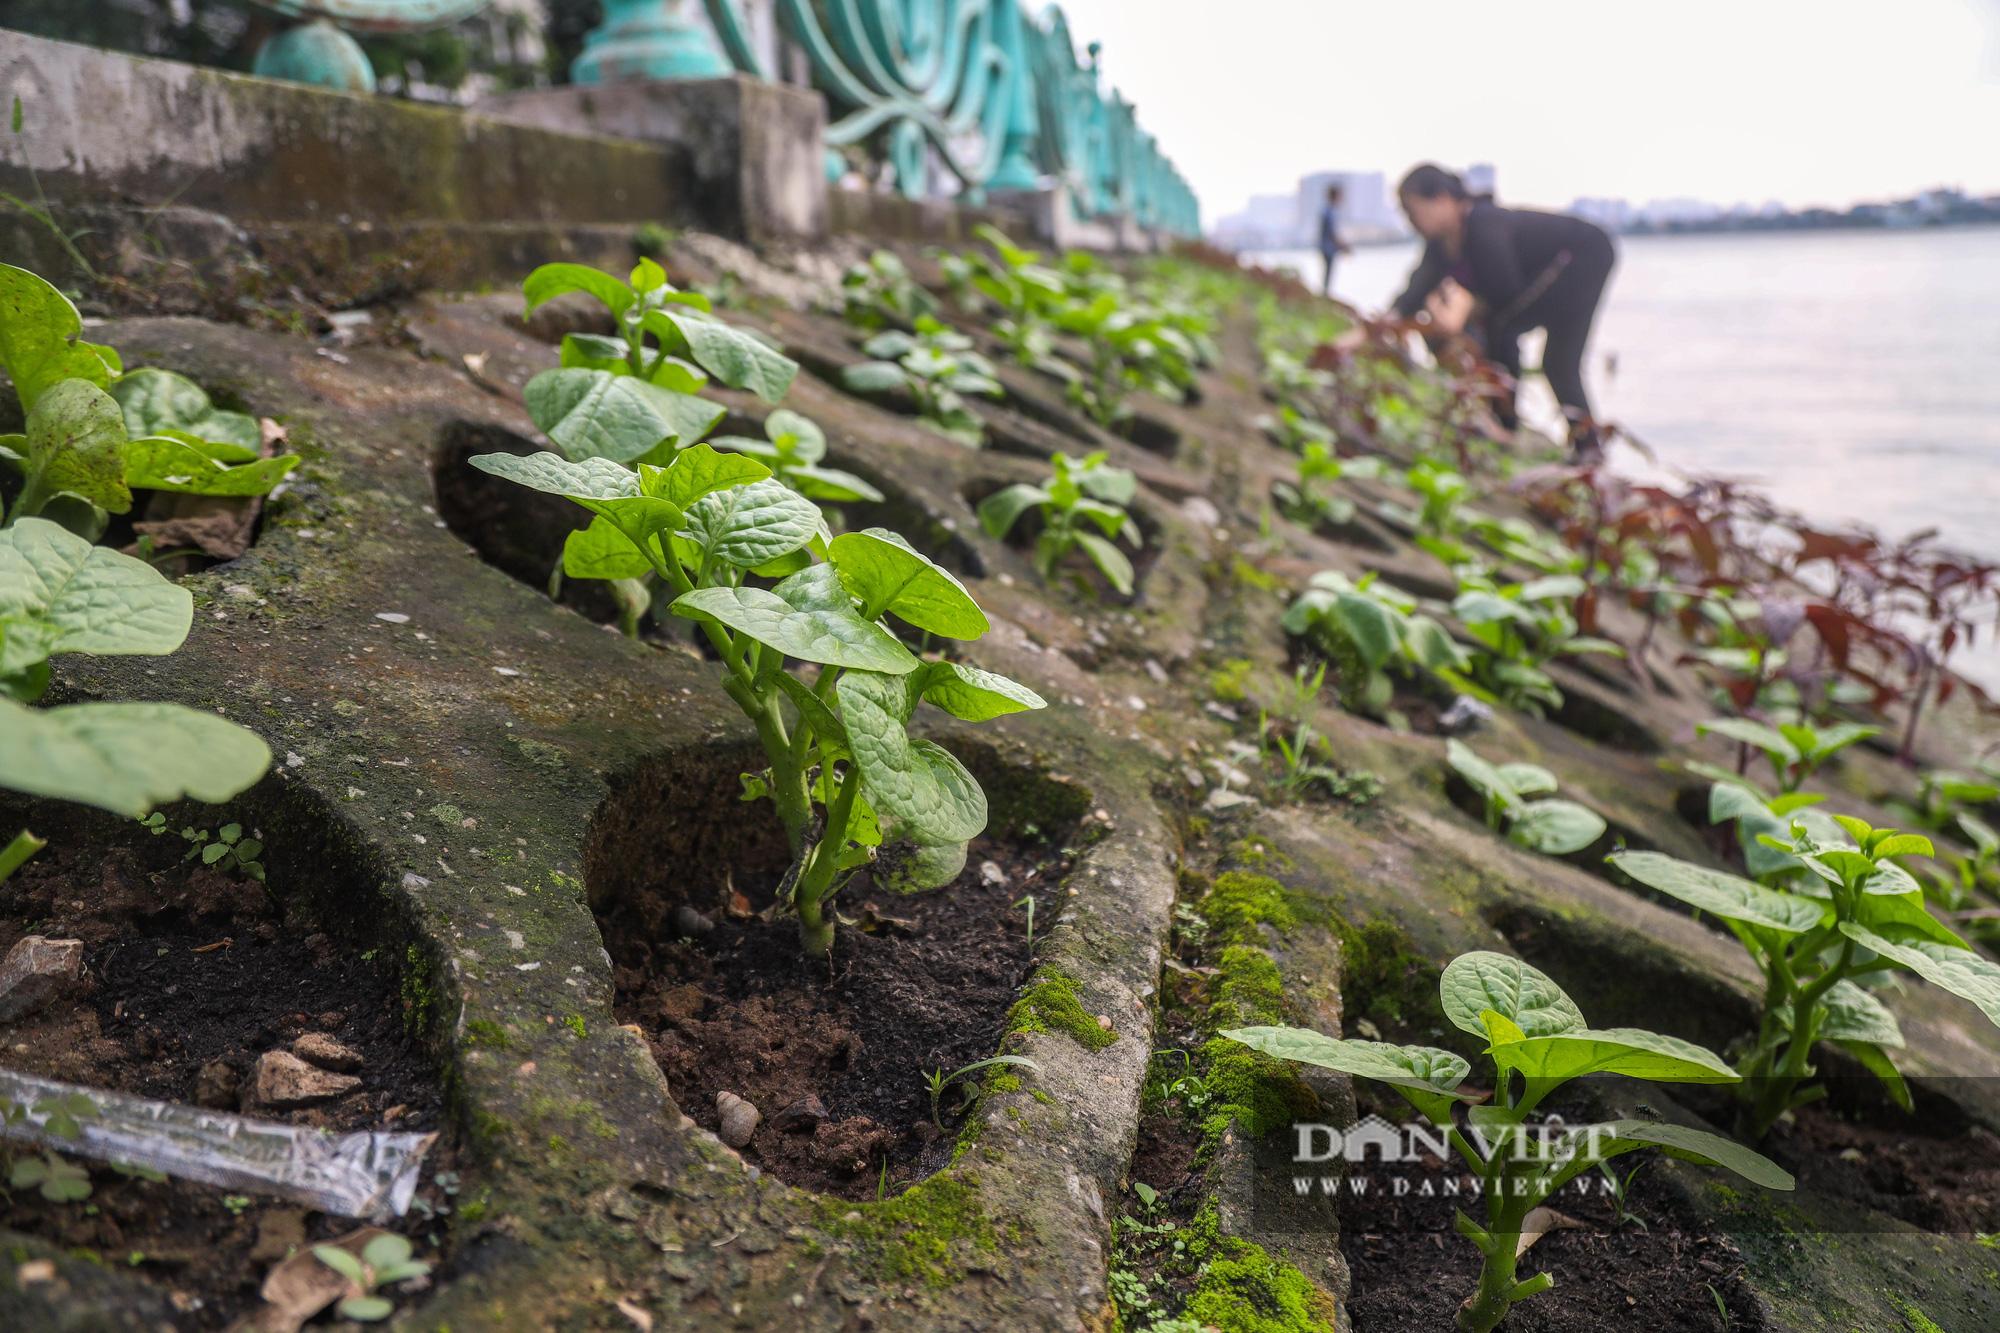 Độc đáo mô hình trồng rau hốc đá ven hồ ở Hà Nội - Ảnh 5.